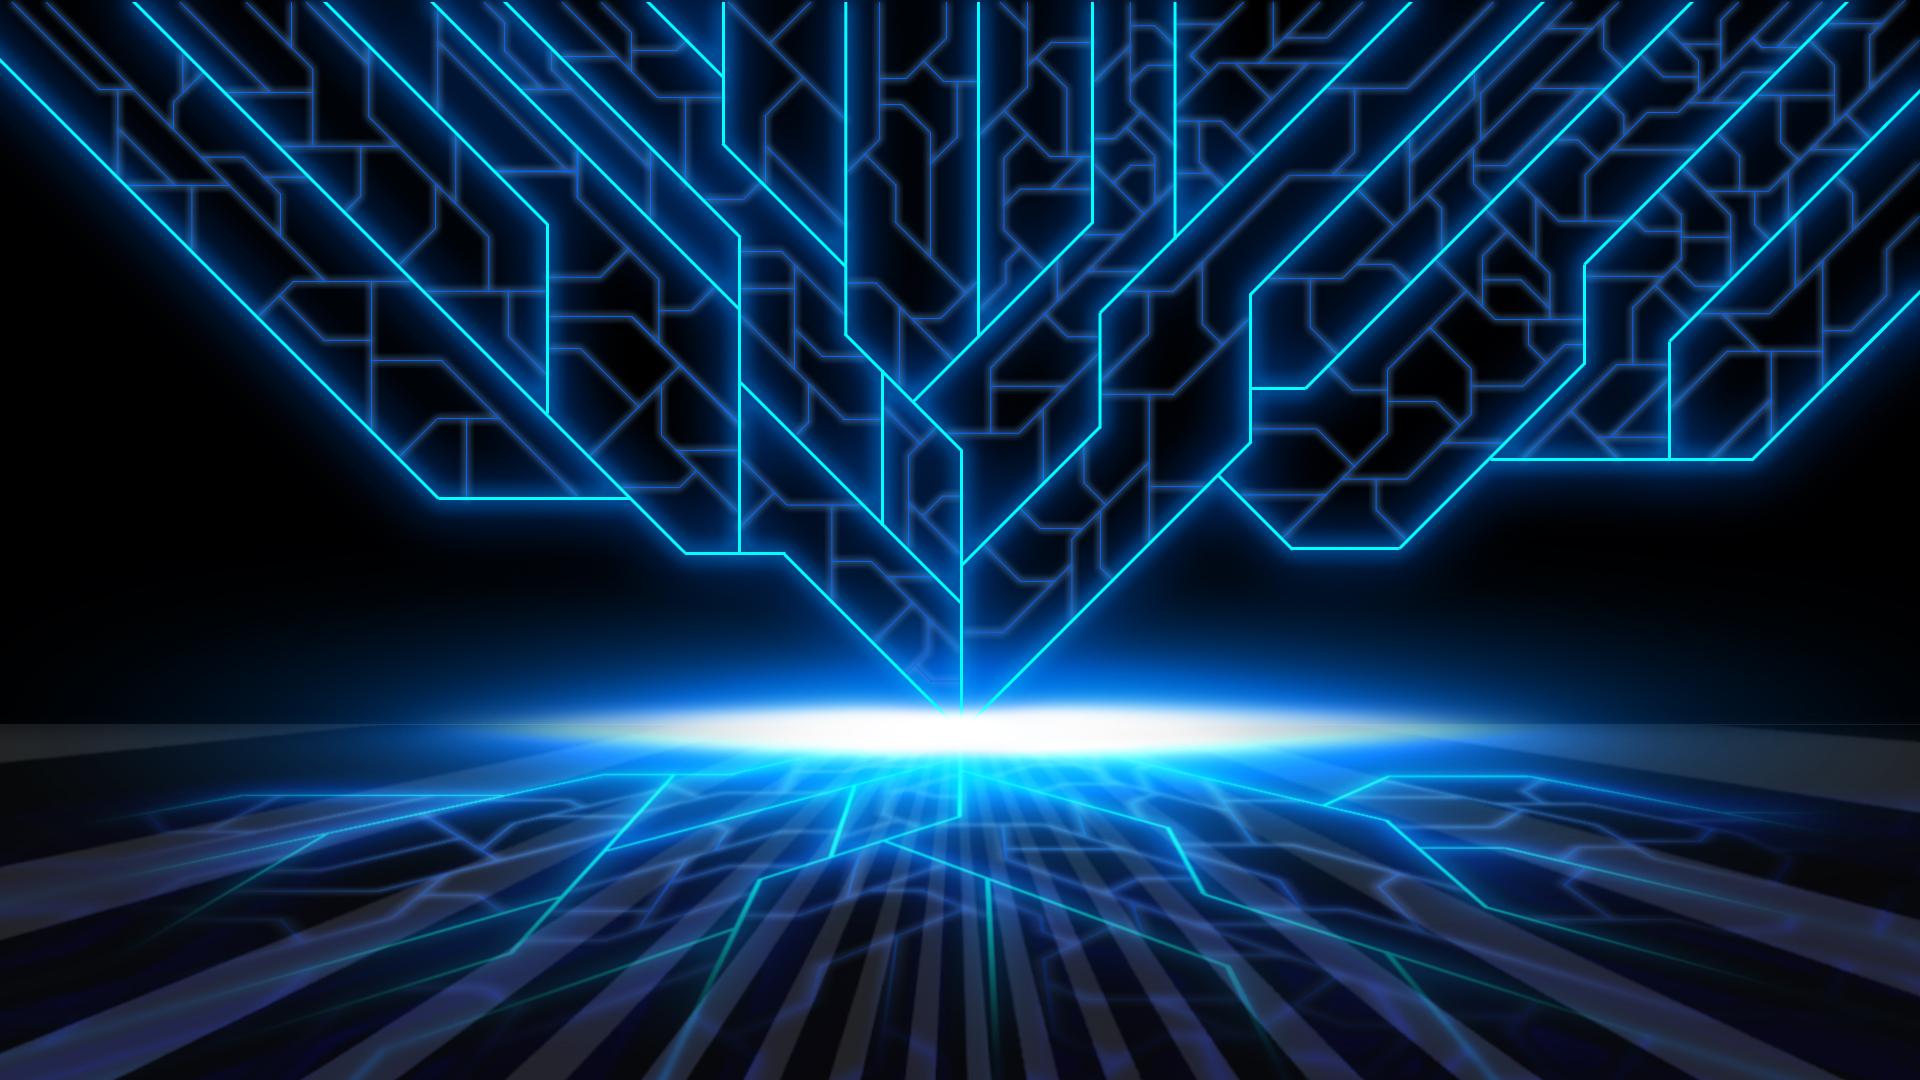 réseau-digital